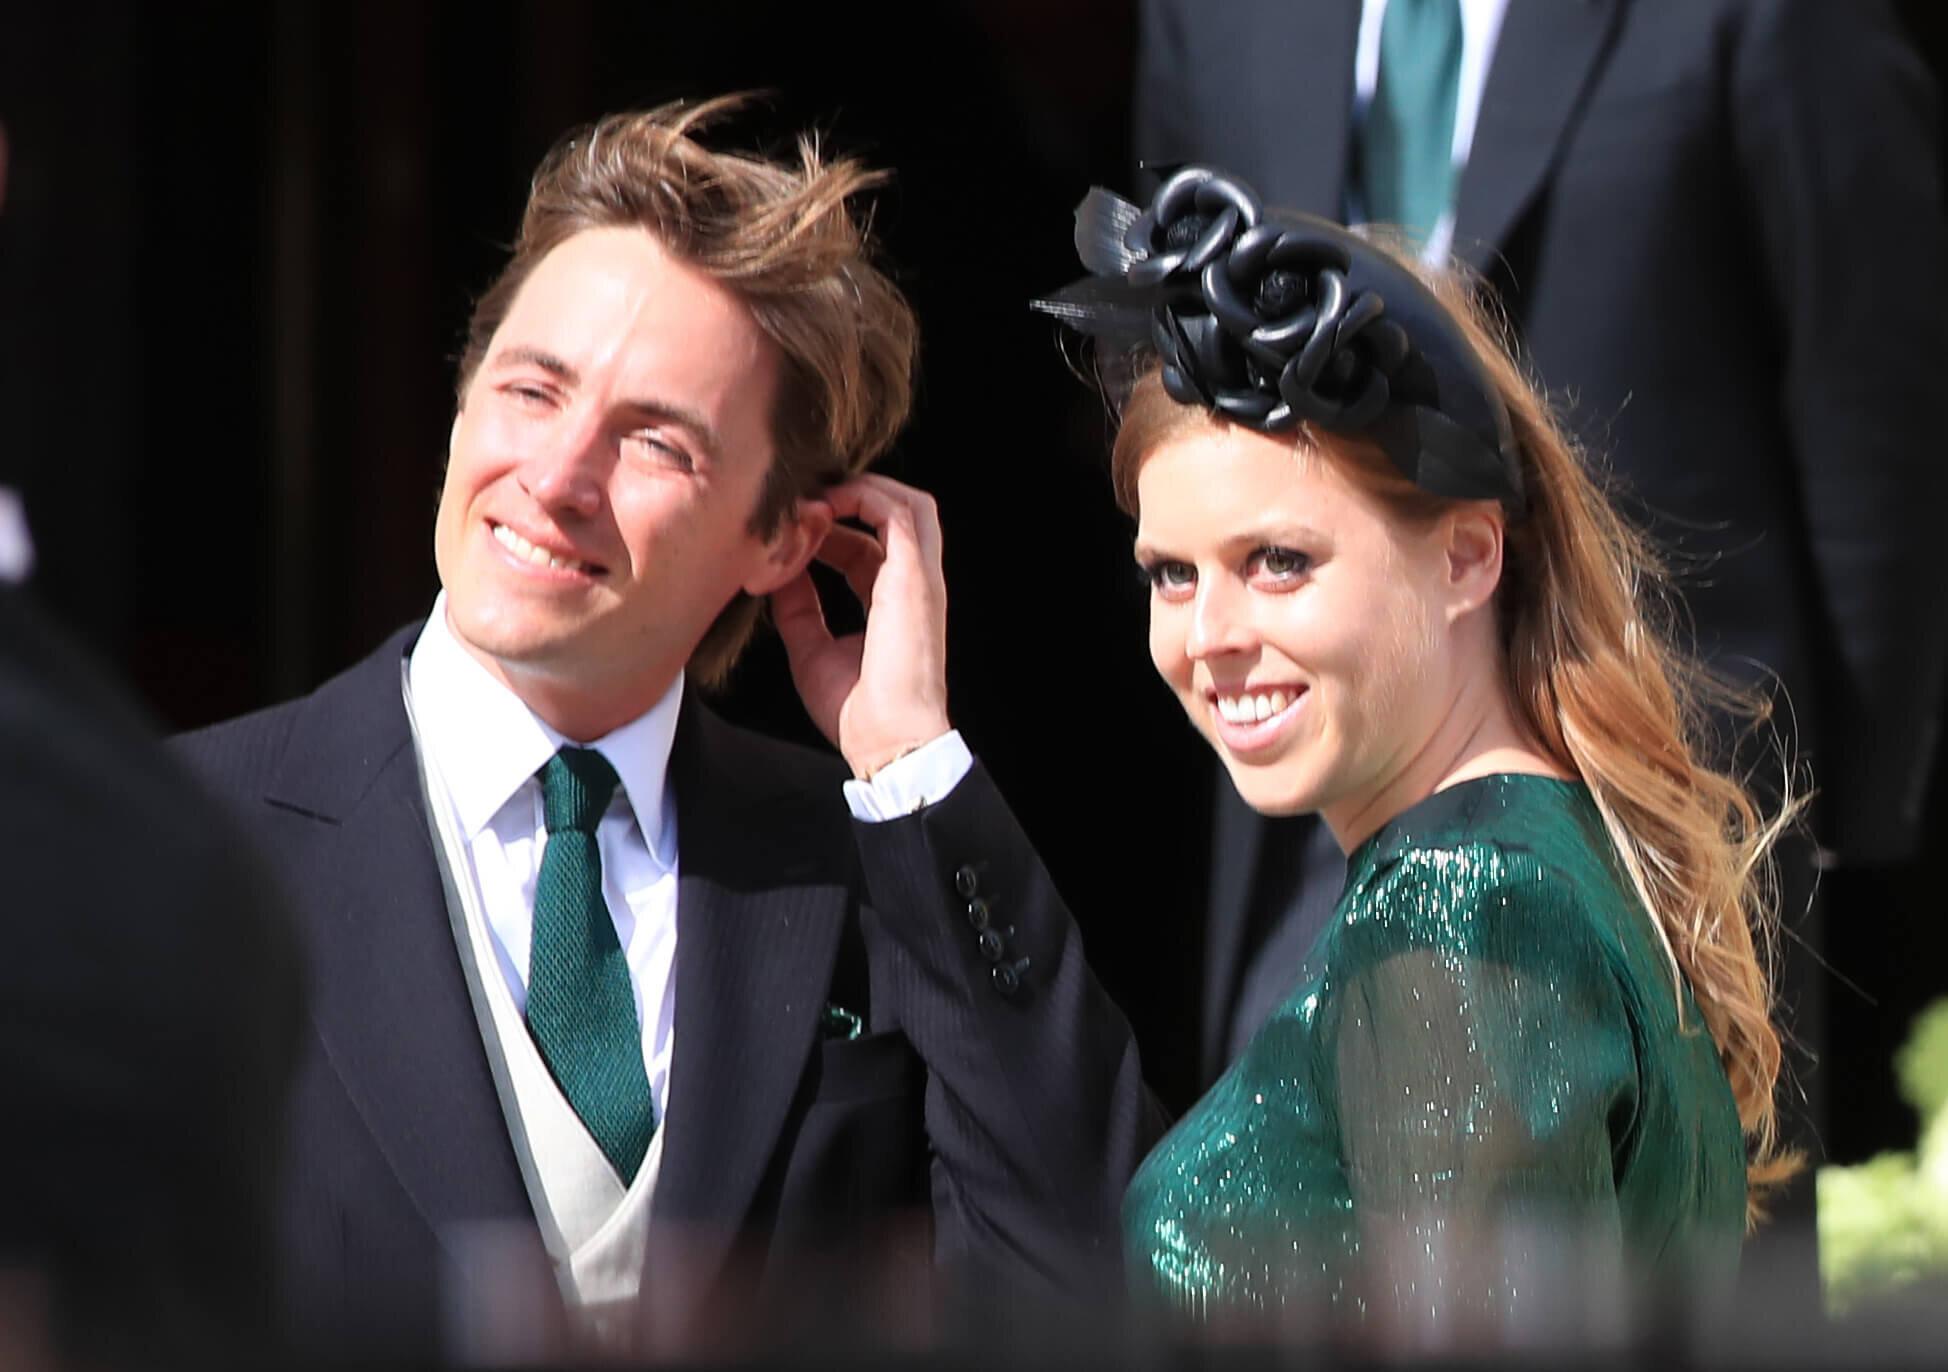 Prinzessin Beatrice und Edoardo Mapelli Mozzi wollen im Mai die Ringe tauschen. Müssen sie ihre Hochzeit nun verschieben?  © picture alliance / empics